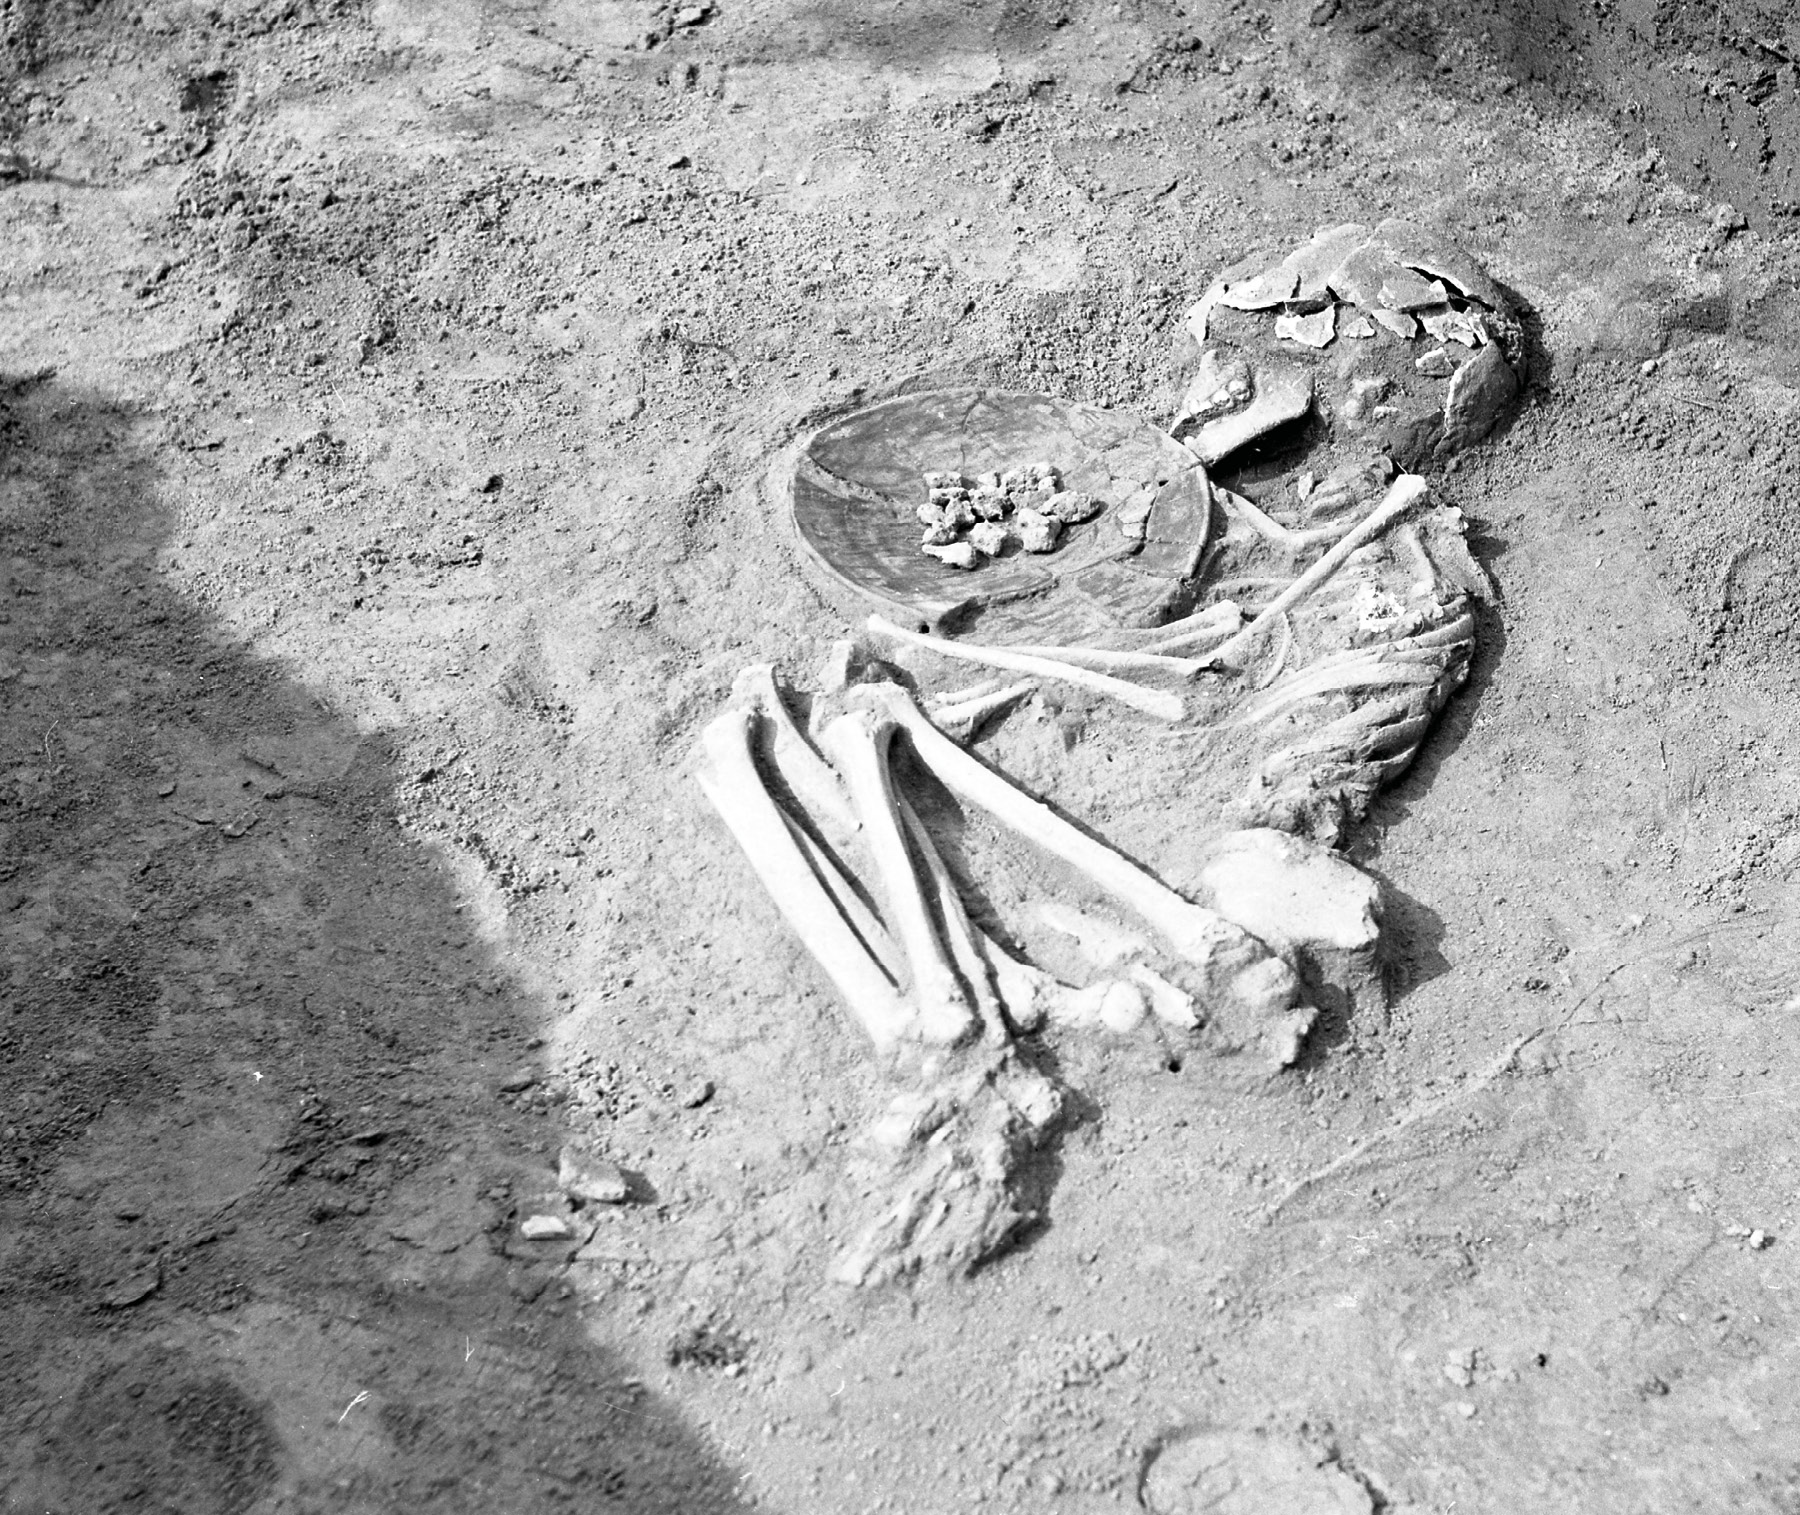 Hrob chlapca s miskou na milodary